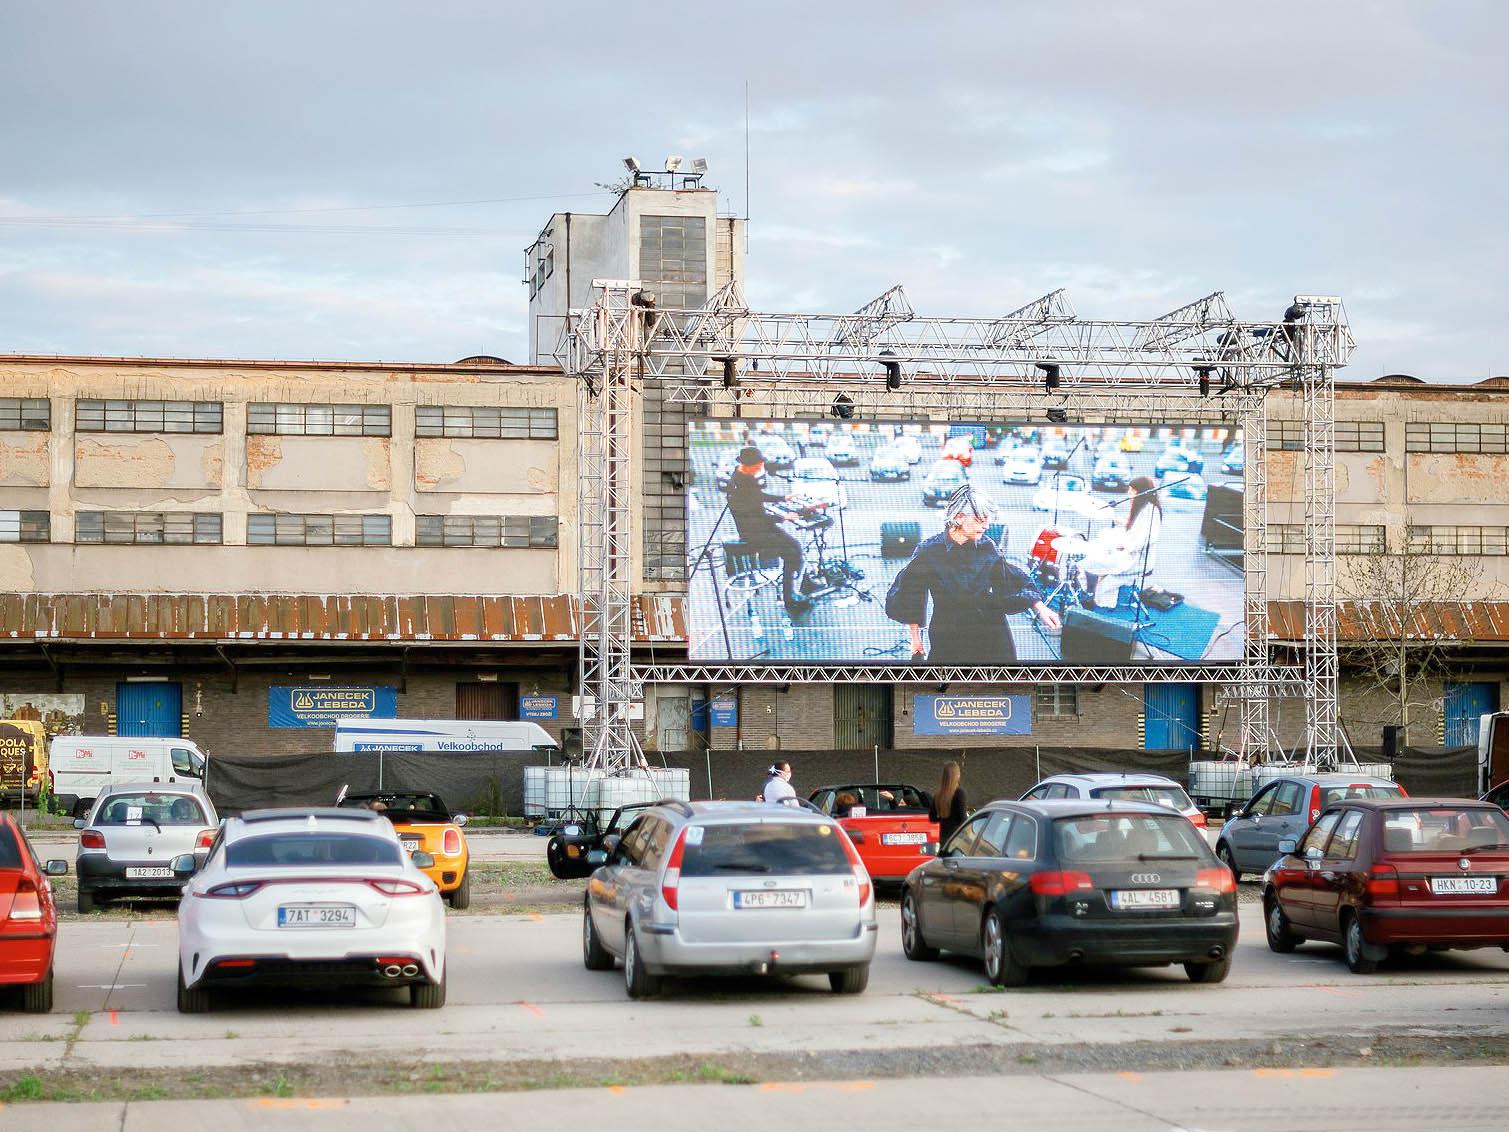 Art Parking nabízí bezpečné koncerty, divadelní představení ifilmová promítání. Naparkovištích Pražské tržnice aNákladového nádraží Žižkov se až dokonce června uskuteční řada kulturních událostí.